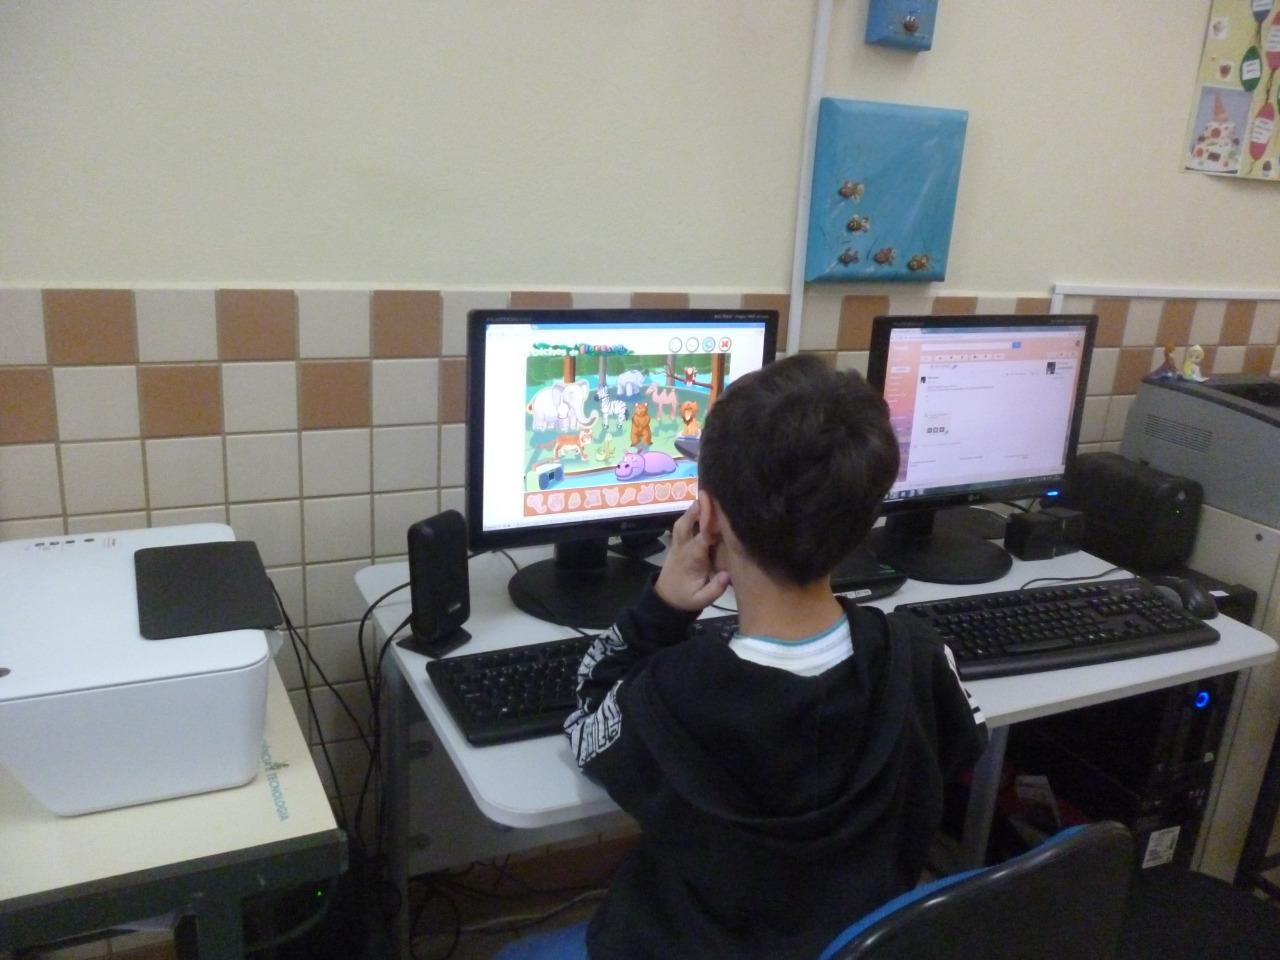 Em 2019 a rede municipal terá 35 salas para 1.100 educandos | Foto PMF/Divulgação